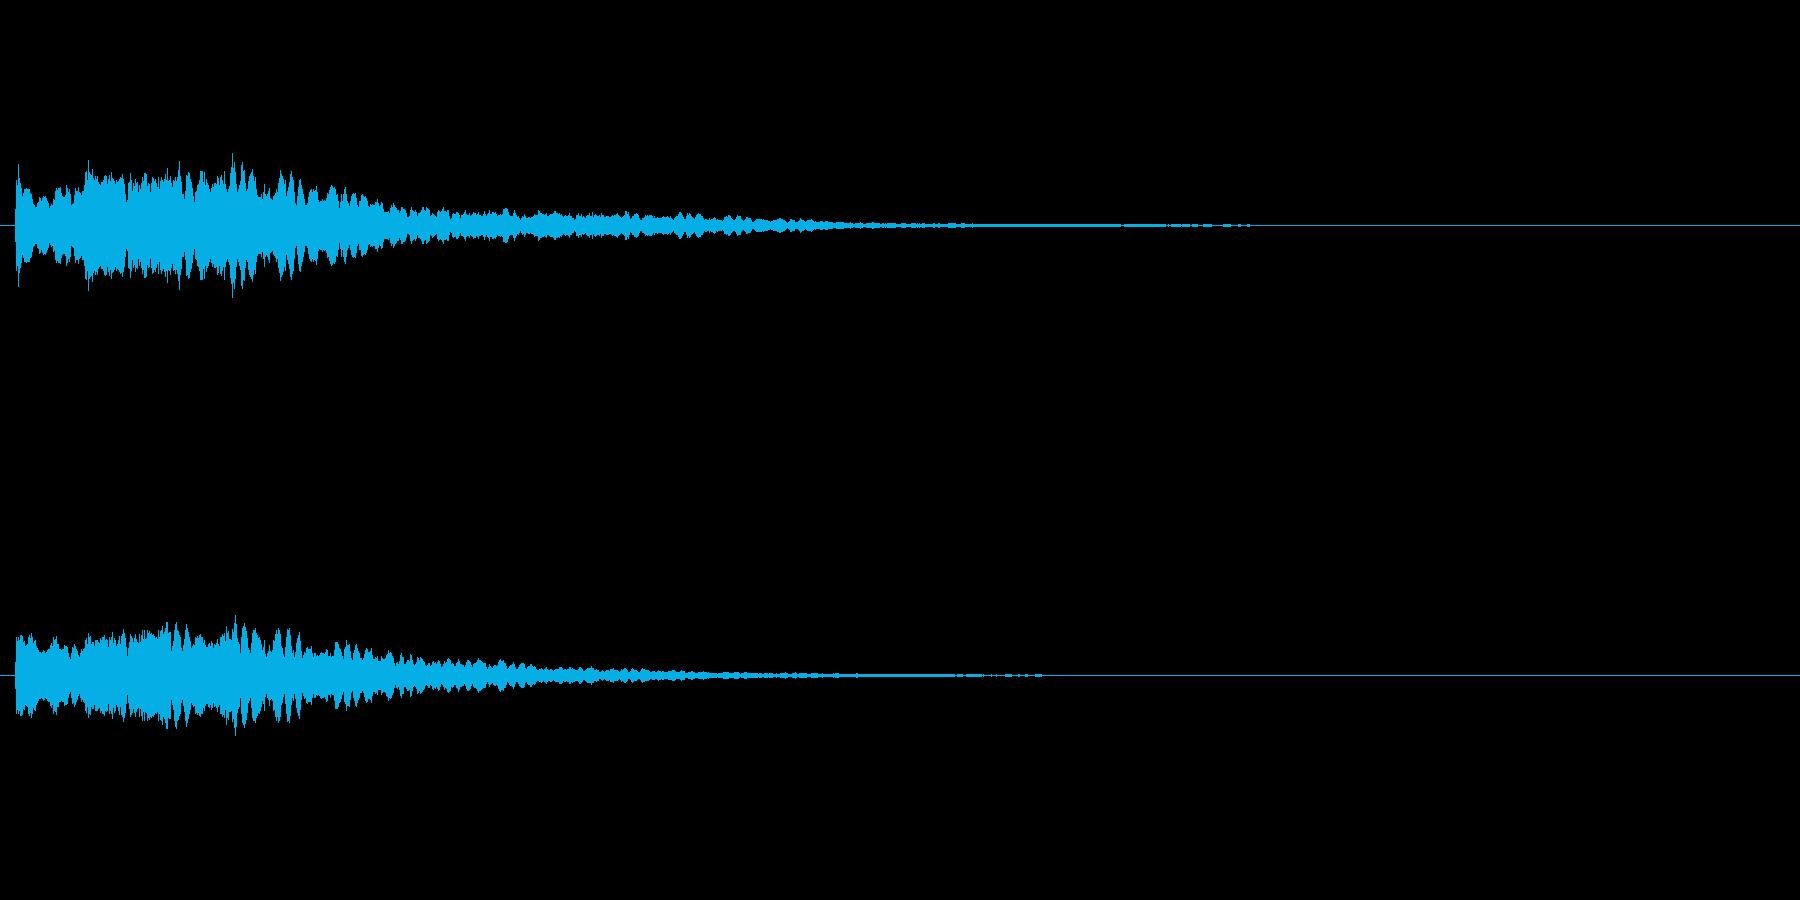 キラキラした起動音の再生済みの波形